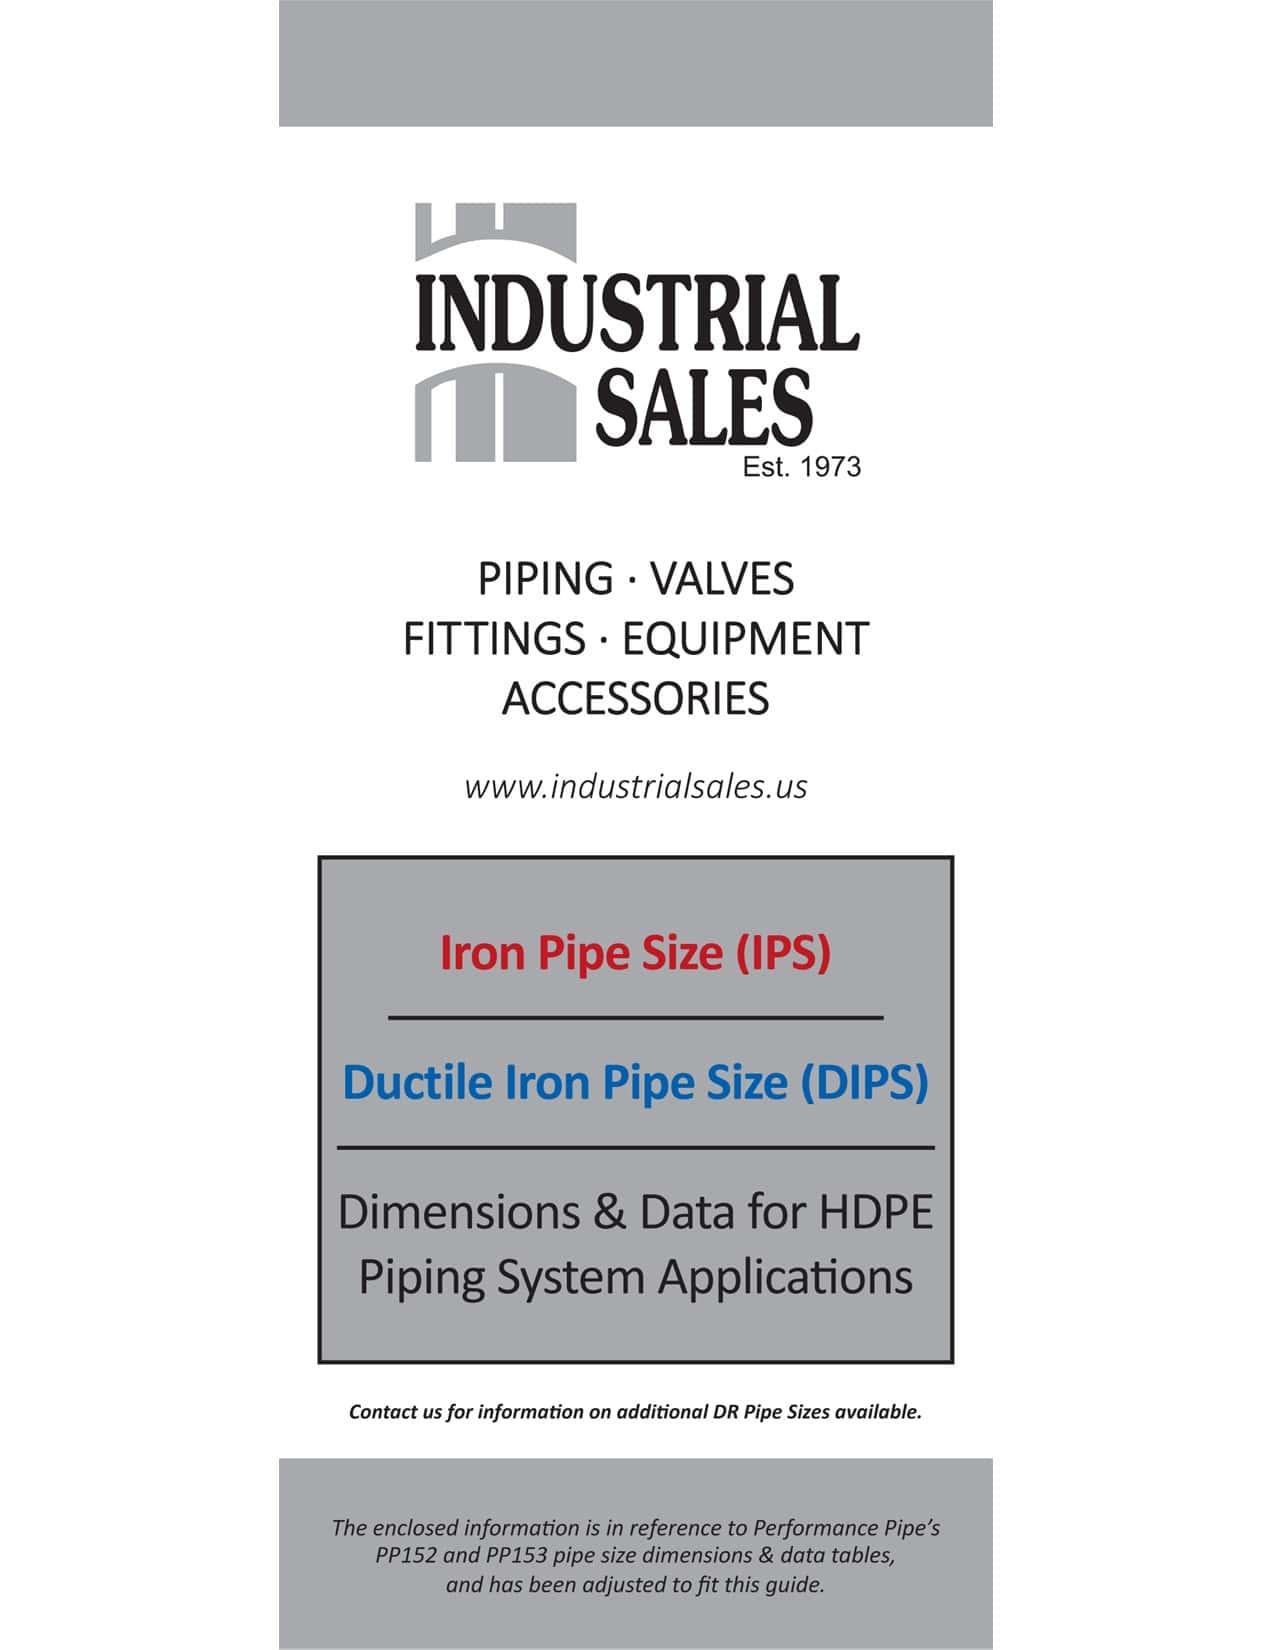 Pipe Size & Dimension Data